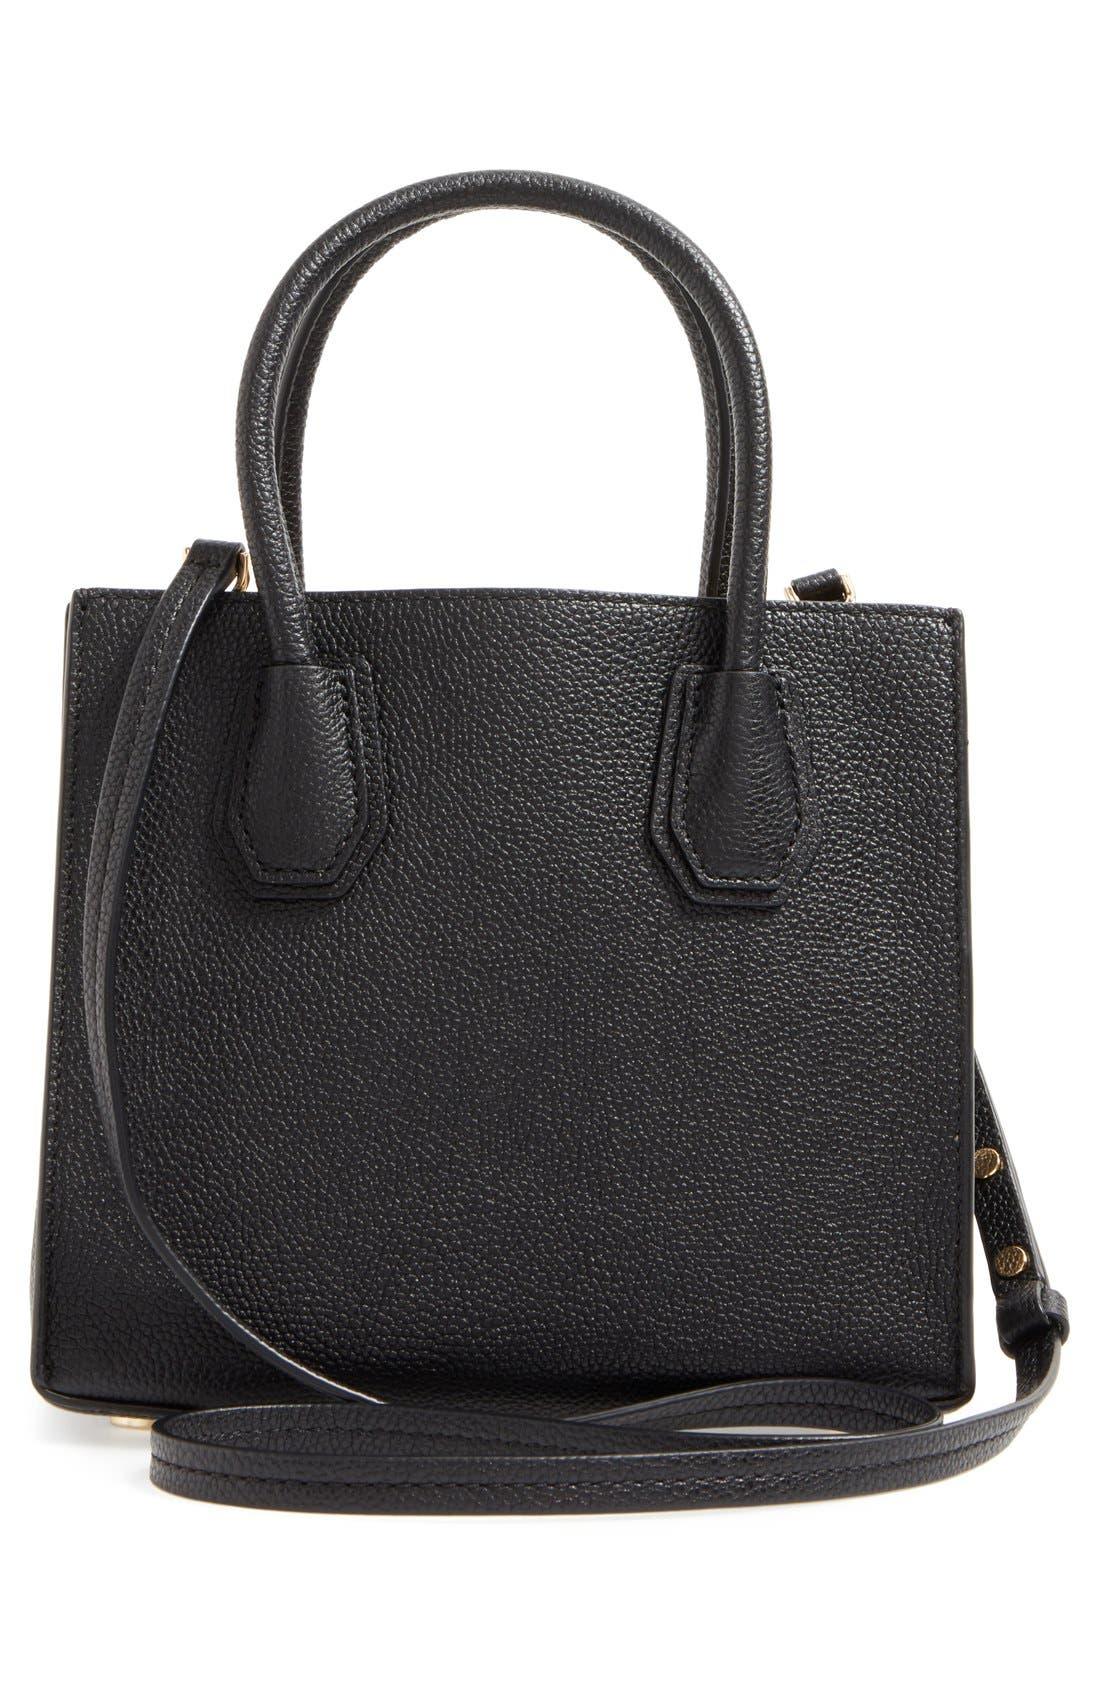 Mercer Leather Crossbody Bag,                             Alternate thumbnail 3, color,                             Black/ Gold